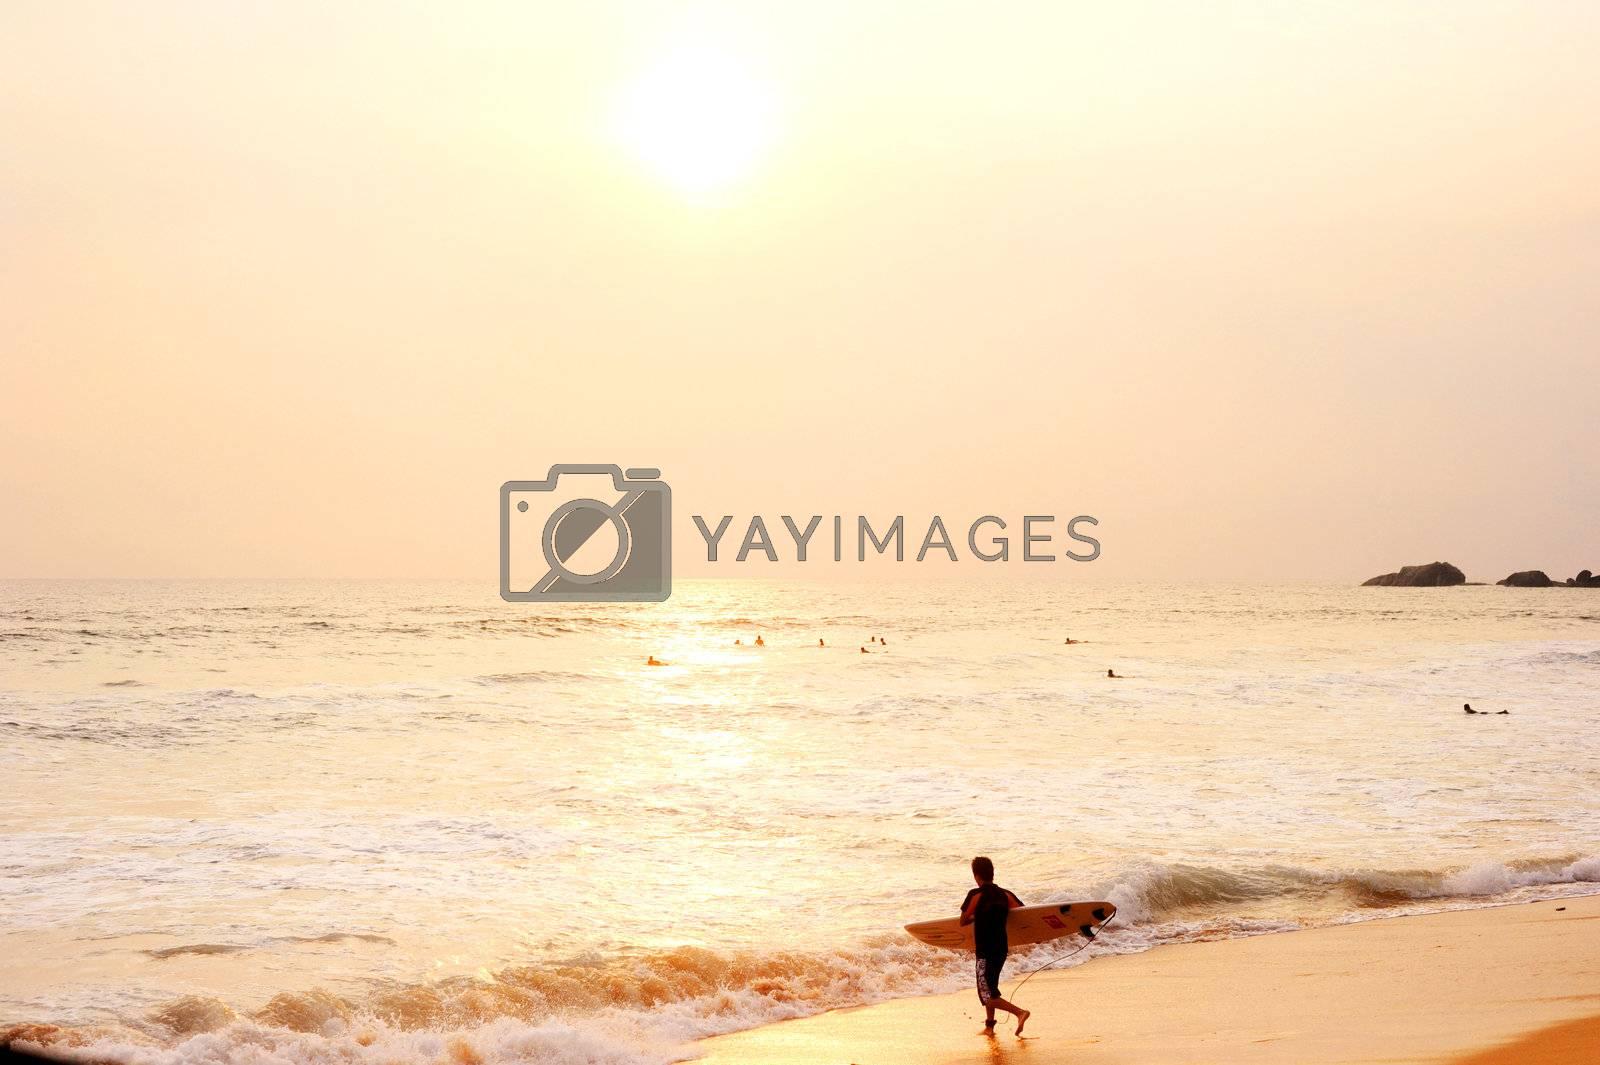 Hikkaduwa, Sri Lanka - March 08, 2011: Surfer on the ocean beach at sunset in Hikkaduwa. Hikkaduva - is the second best surf paradise in Sri Lanka